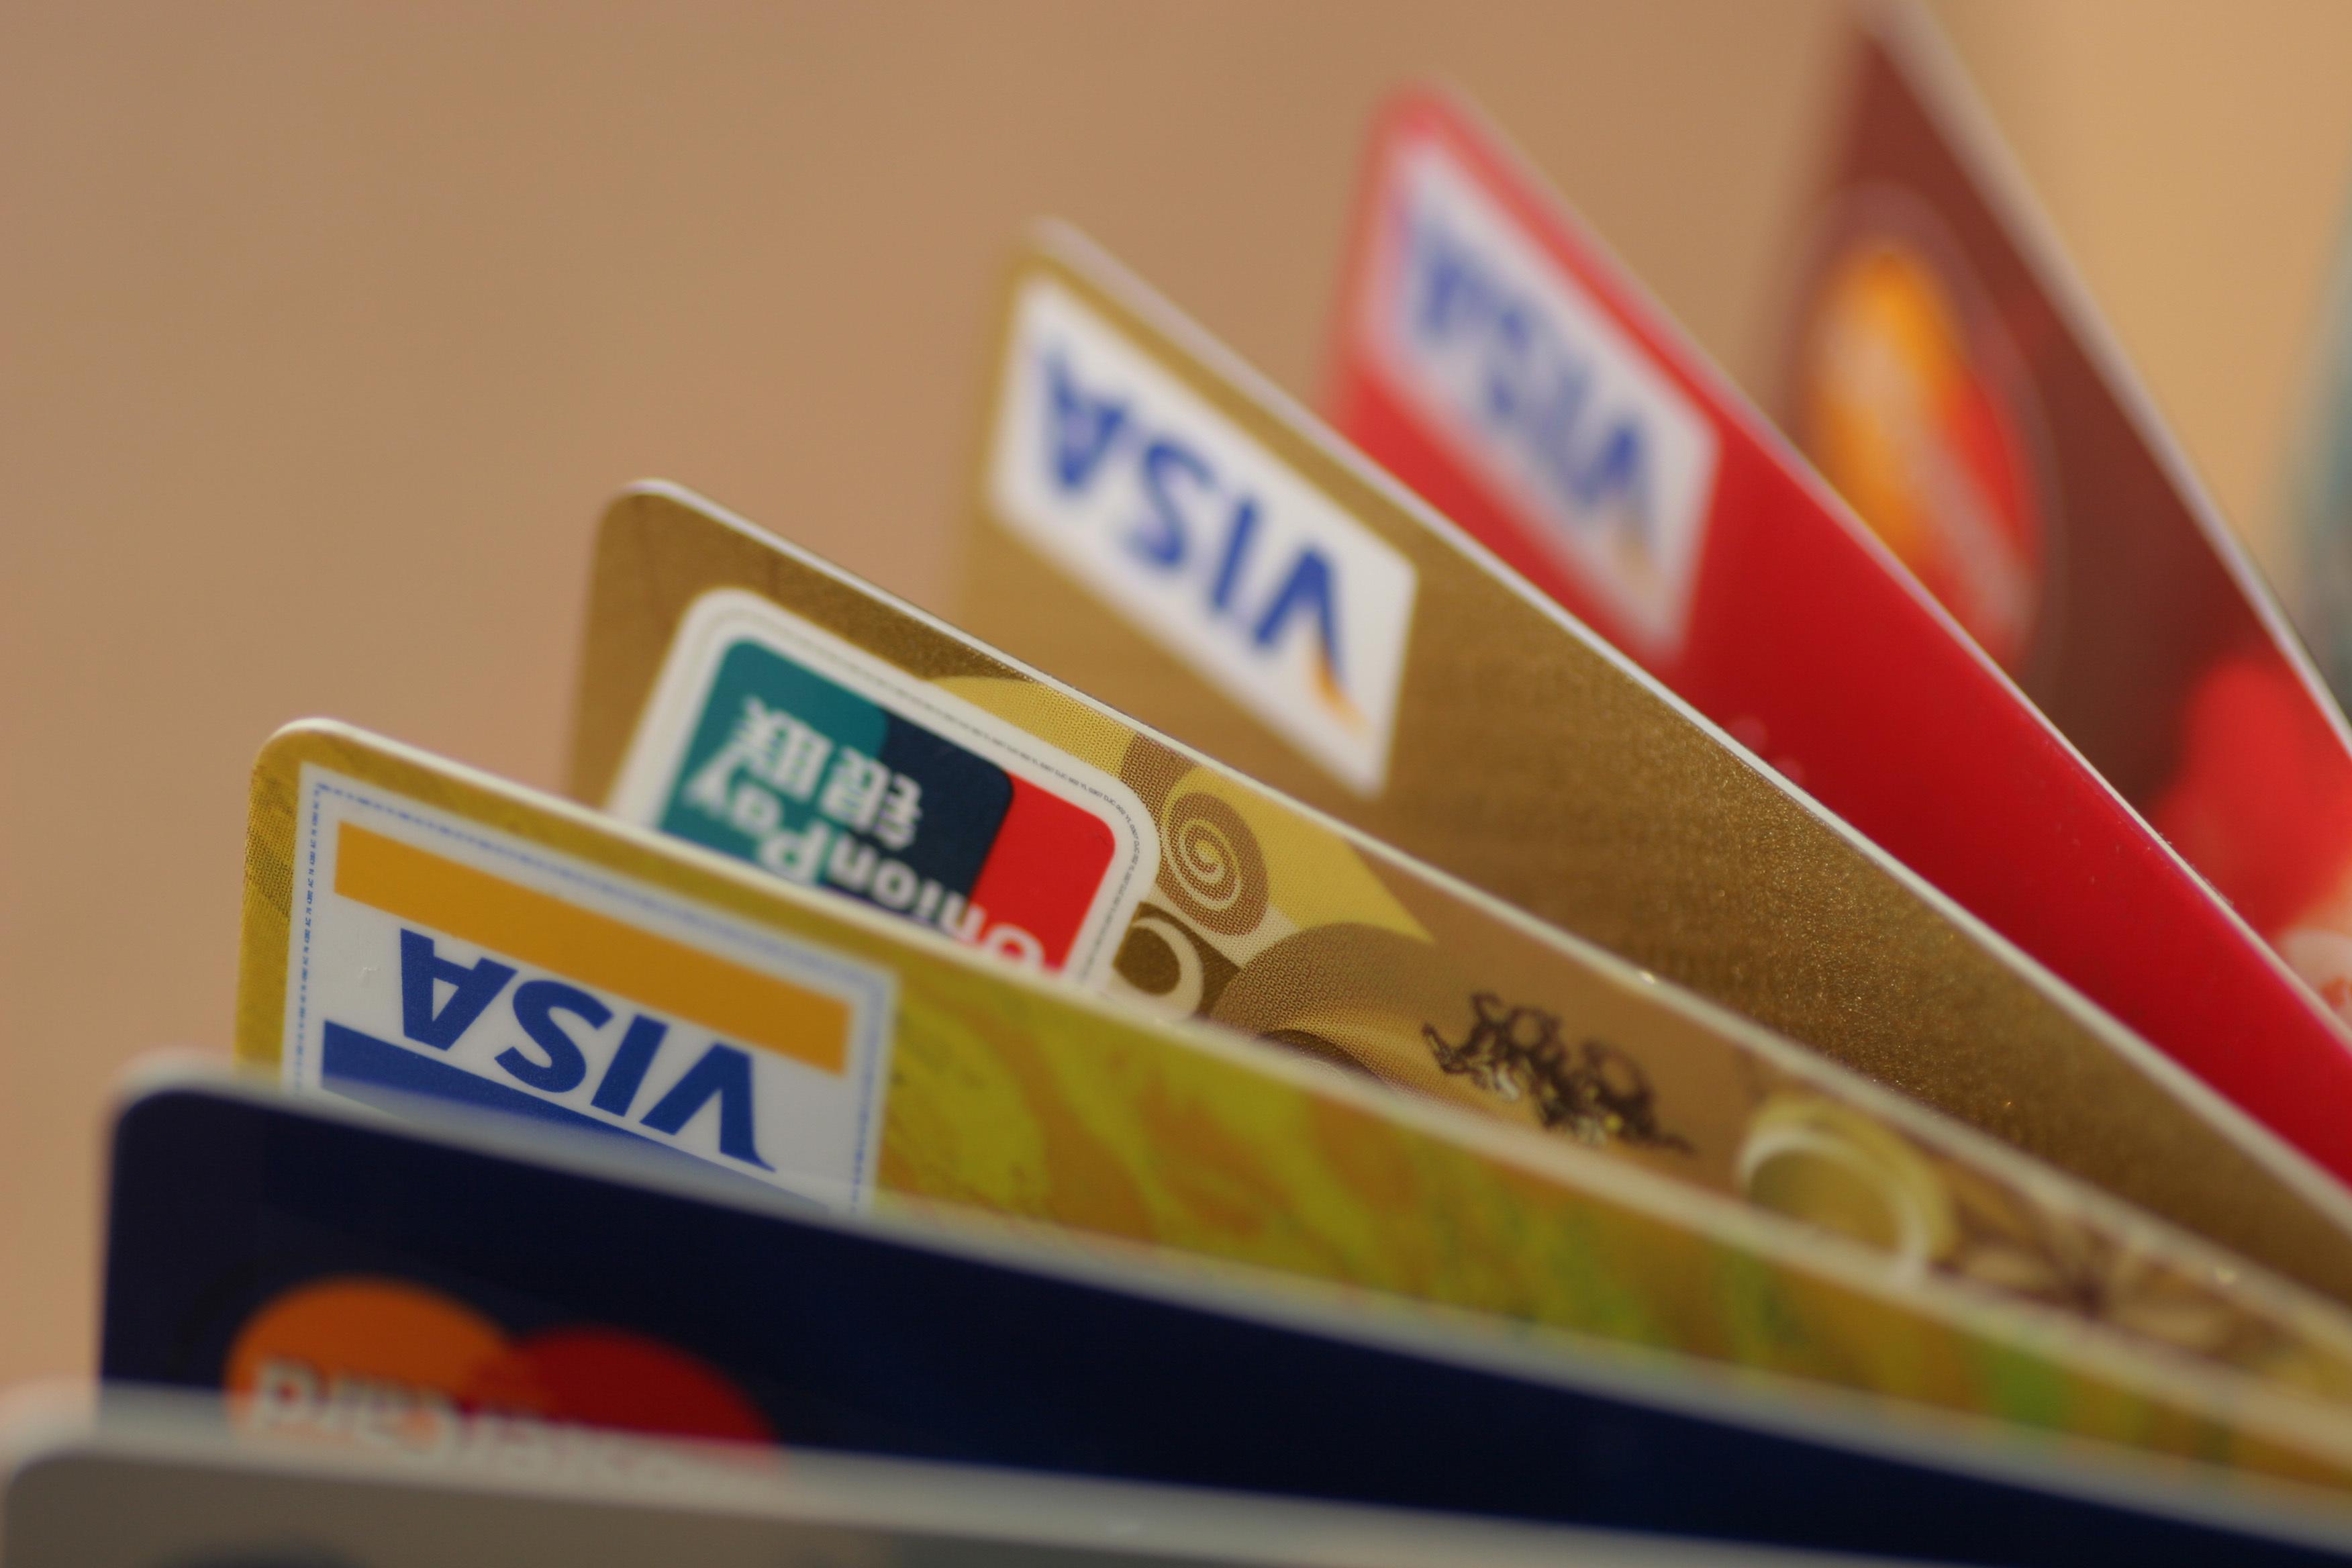 信用卡注销后会影响征信不!以后再办理信用卡能成功吗?